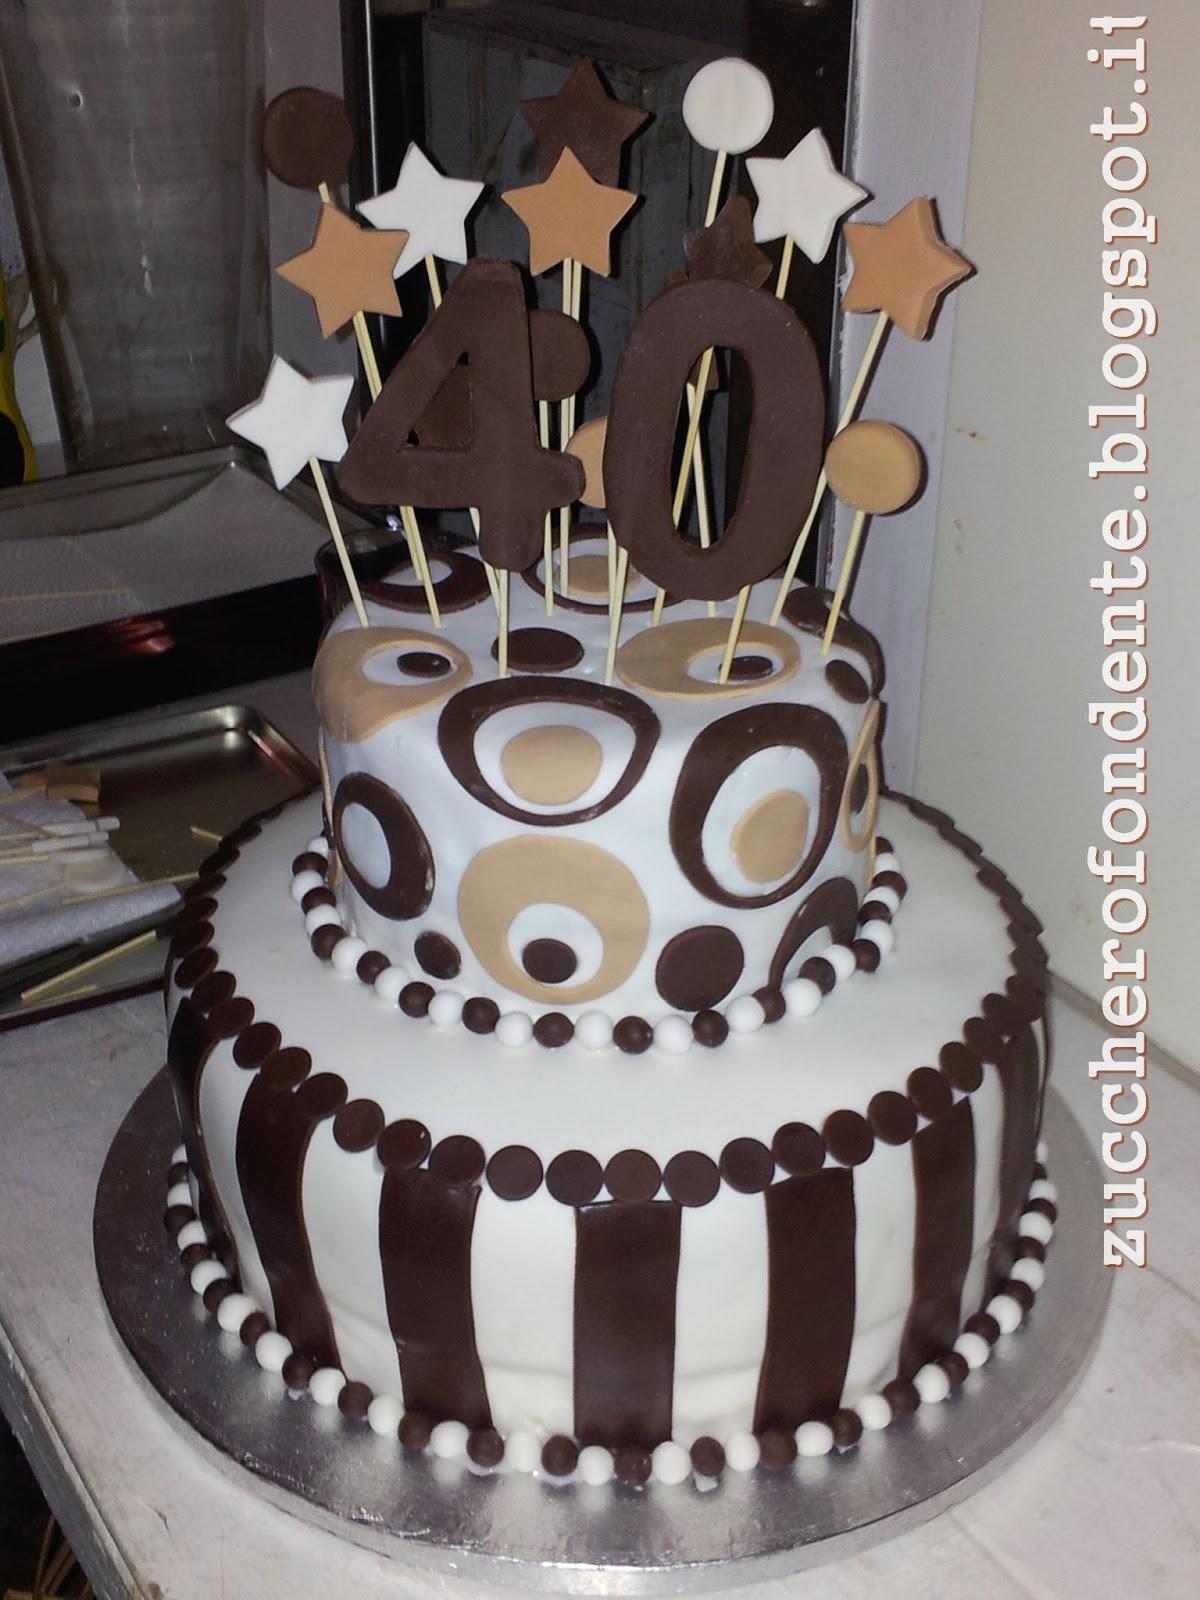 Zuccherofondente torta 40 anni a due piani for Decorazioni torte 40 anni uomo